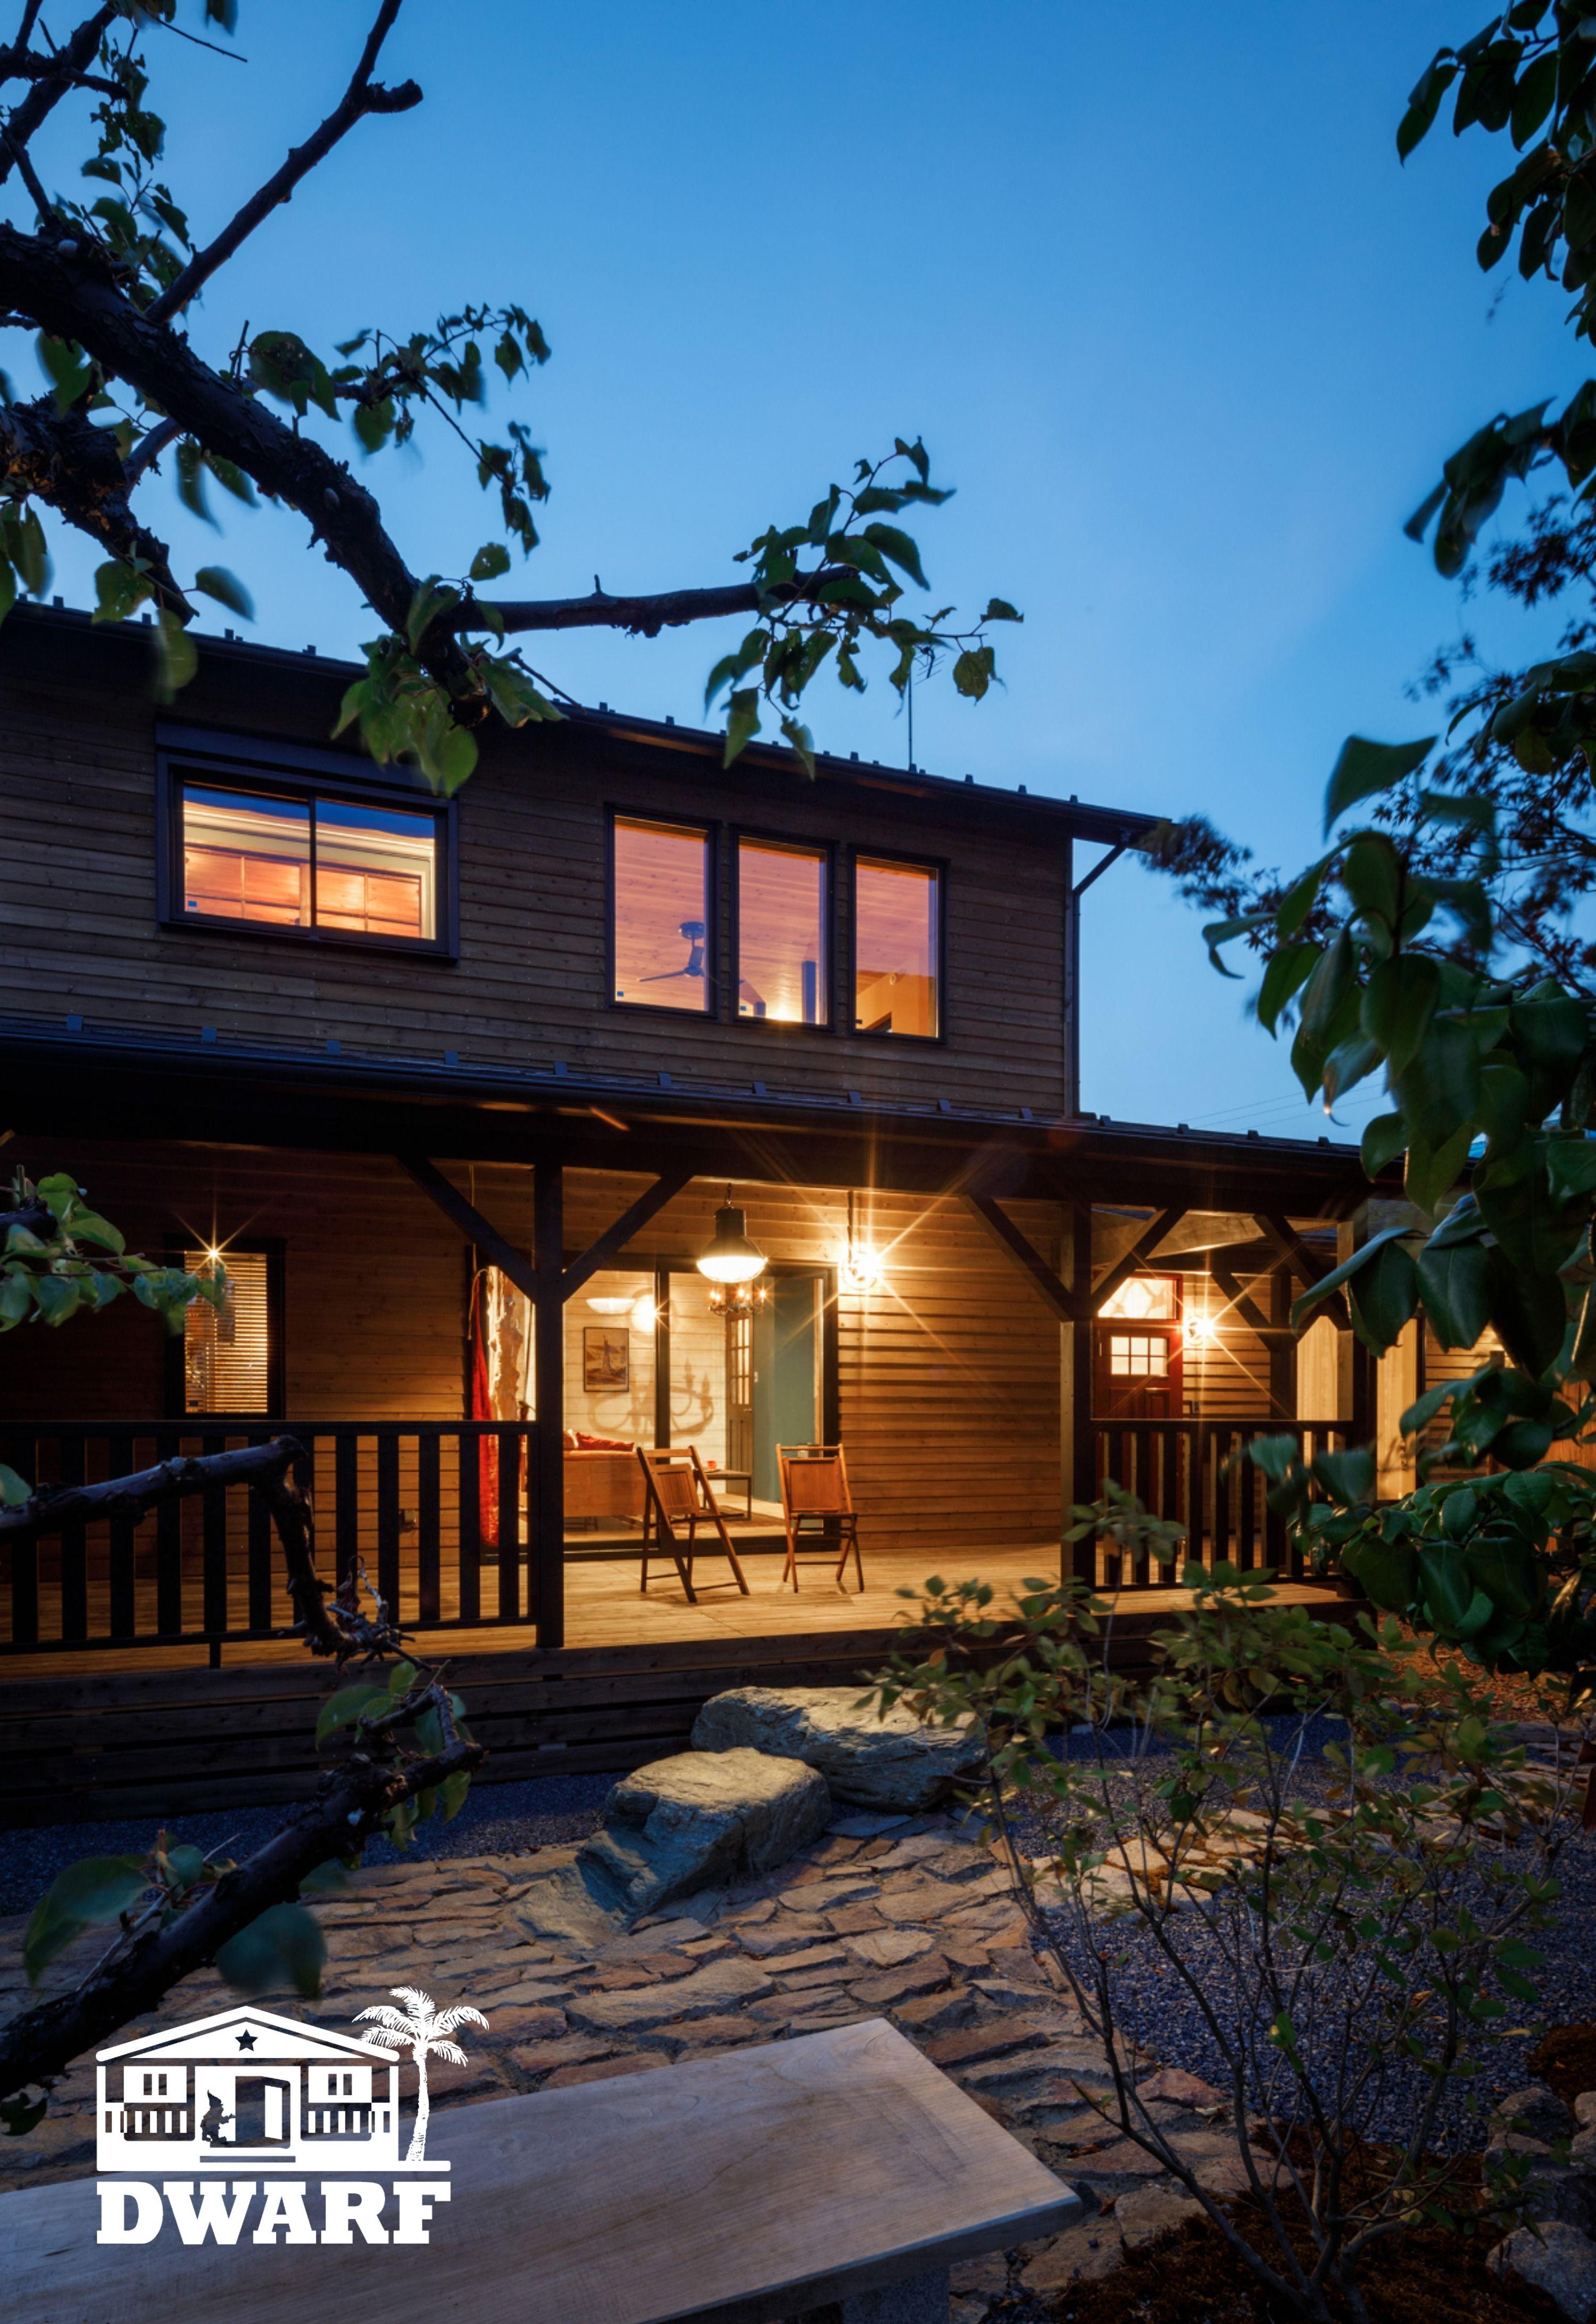 Wood Deck 北欧住宅 スカンジナビアデザイン カリフォルニア ハウス